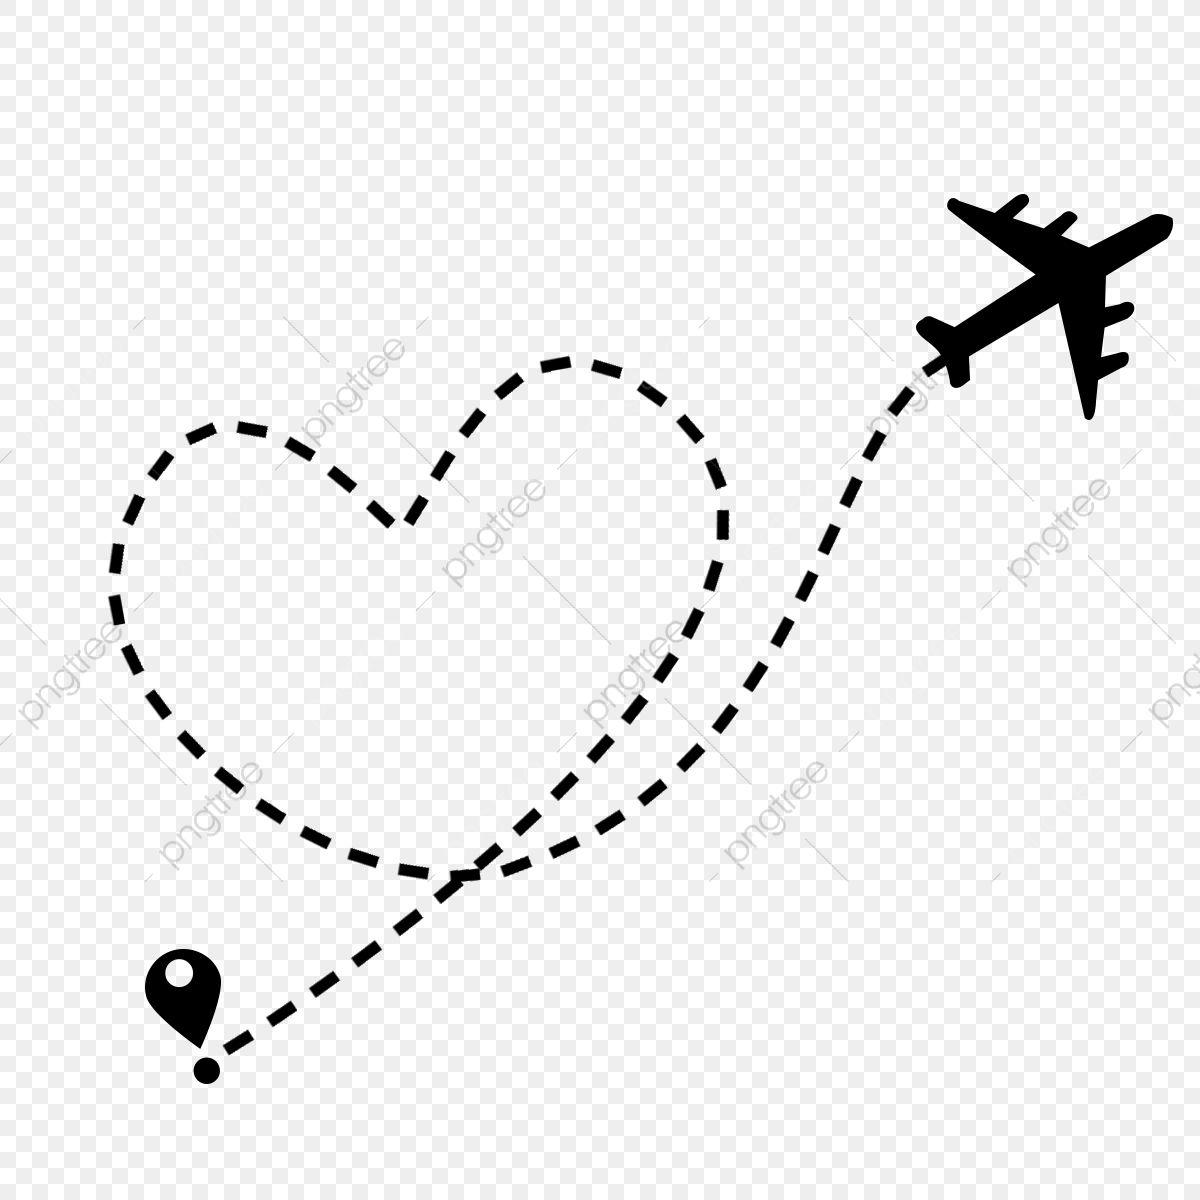 Rota De Voo De Aviao Com Ponto De Partida E Traco De Linha De Traco Aviao Aviao Linha Imagem Png E Psd Para Download Gratuito Plane Flight Travel Stamp Matching Sister